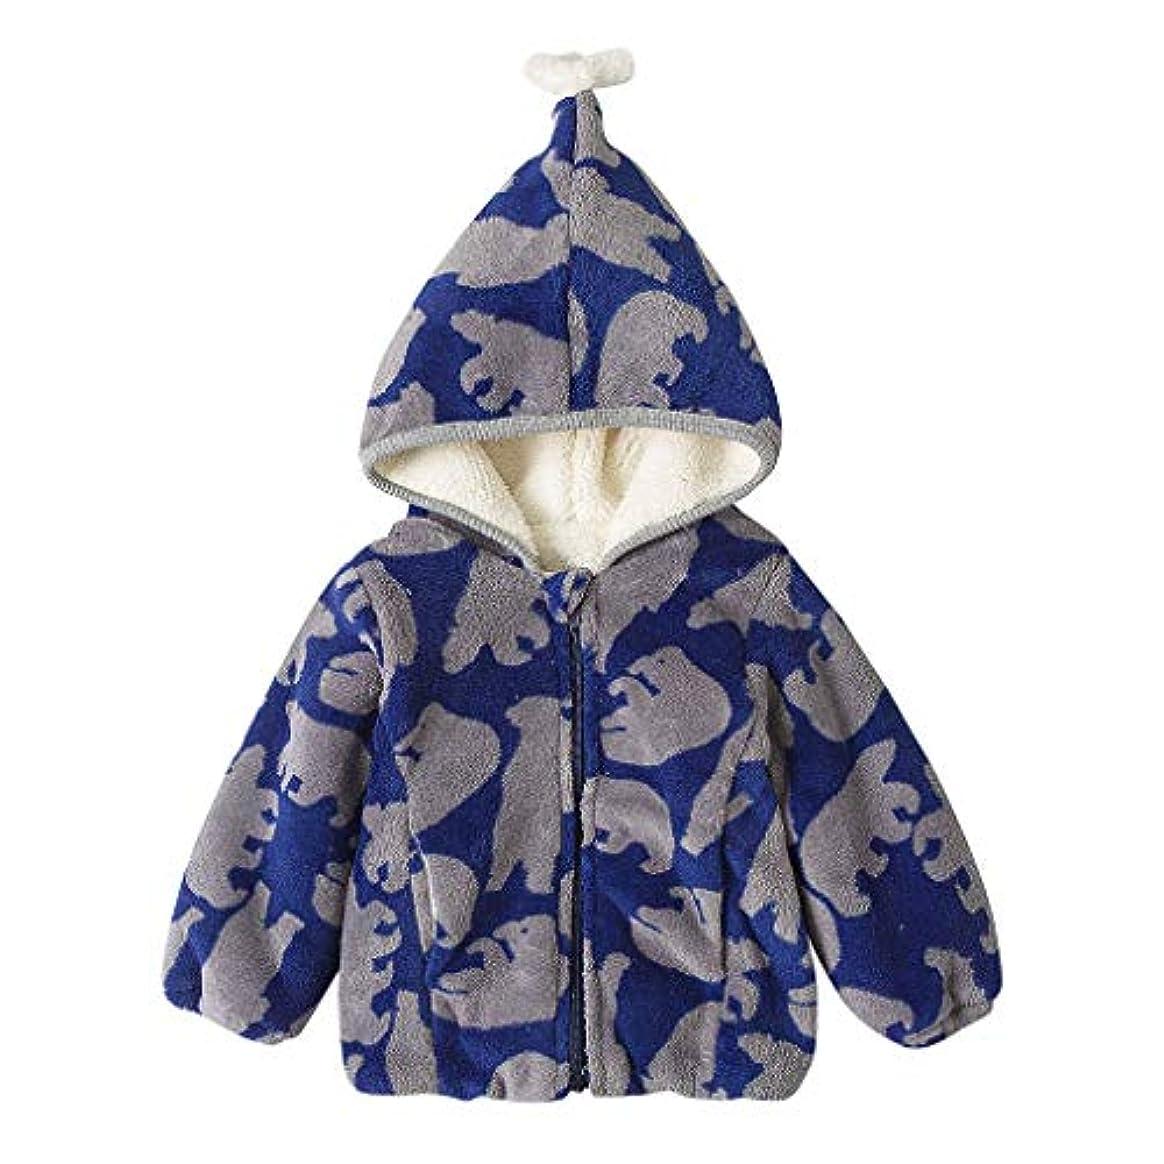 賢明な前置詞広まったかわいい柄あたたかい男の子女の子赤ちゃん冬コートジャケット子供ジップ厚いスノースーツパーカーオーバーコート屋外かわいいルースソフト快適なブラウストップス